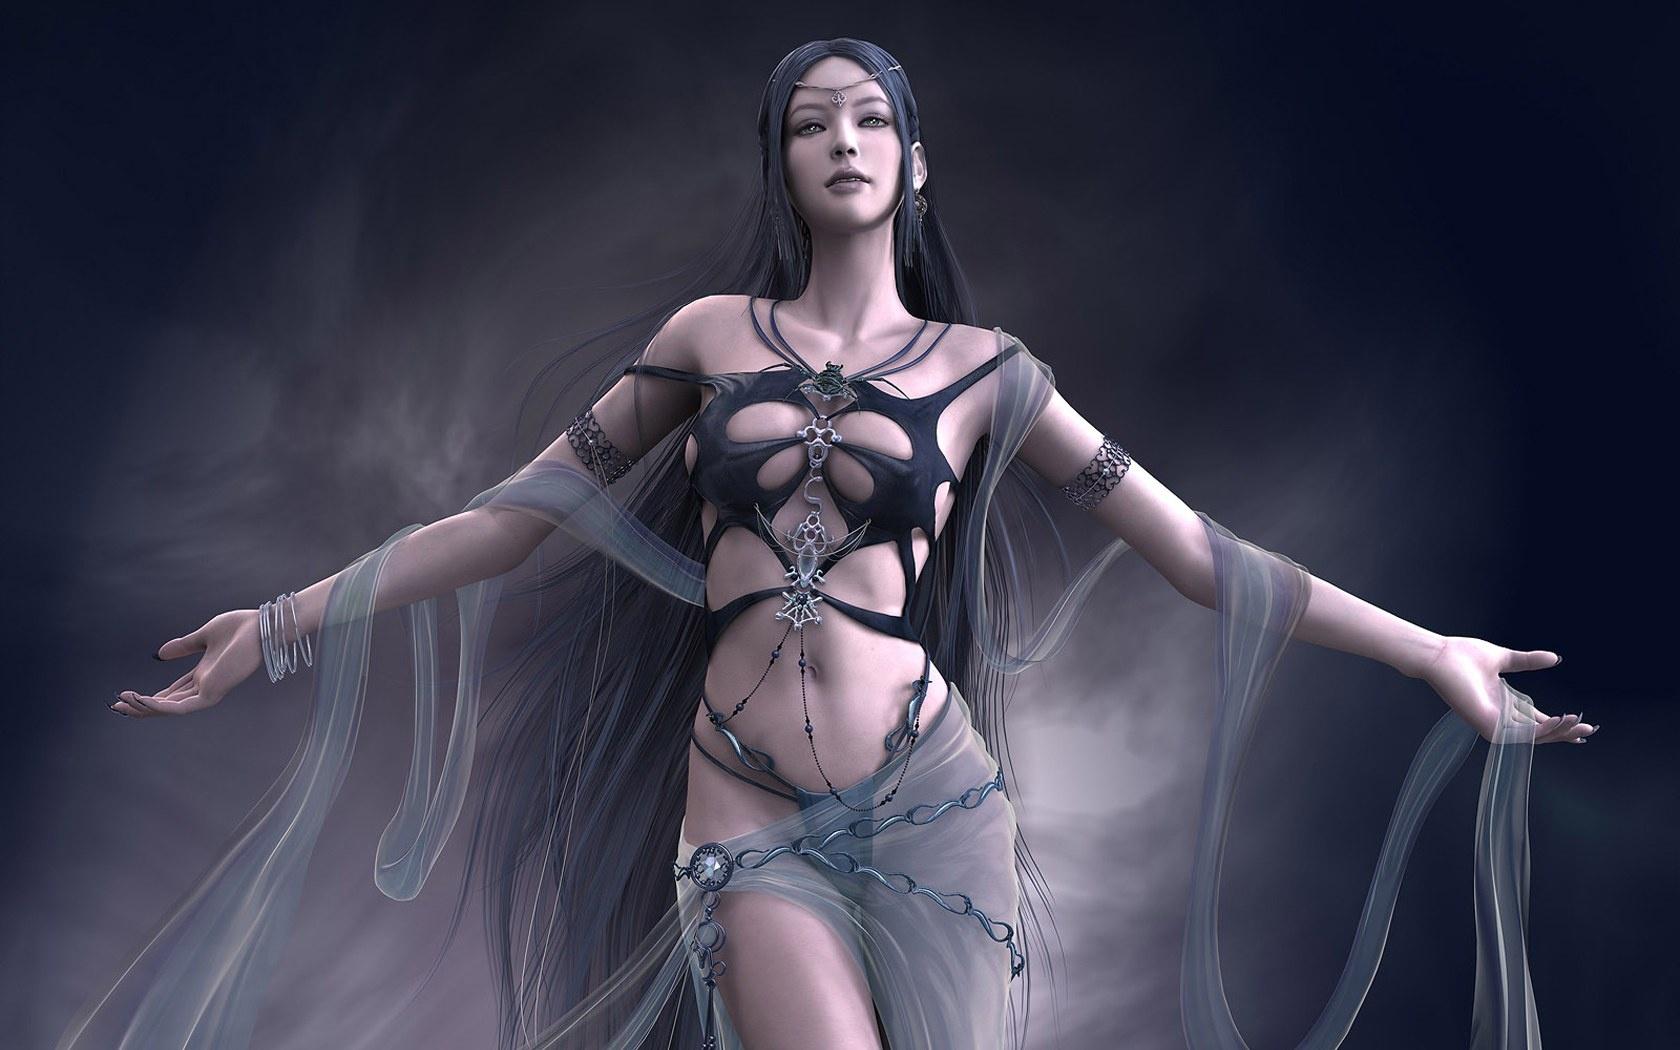 d网游美女角色壁纸 角色扮演单机游戏 dnf角色恢复 cf女角色